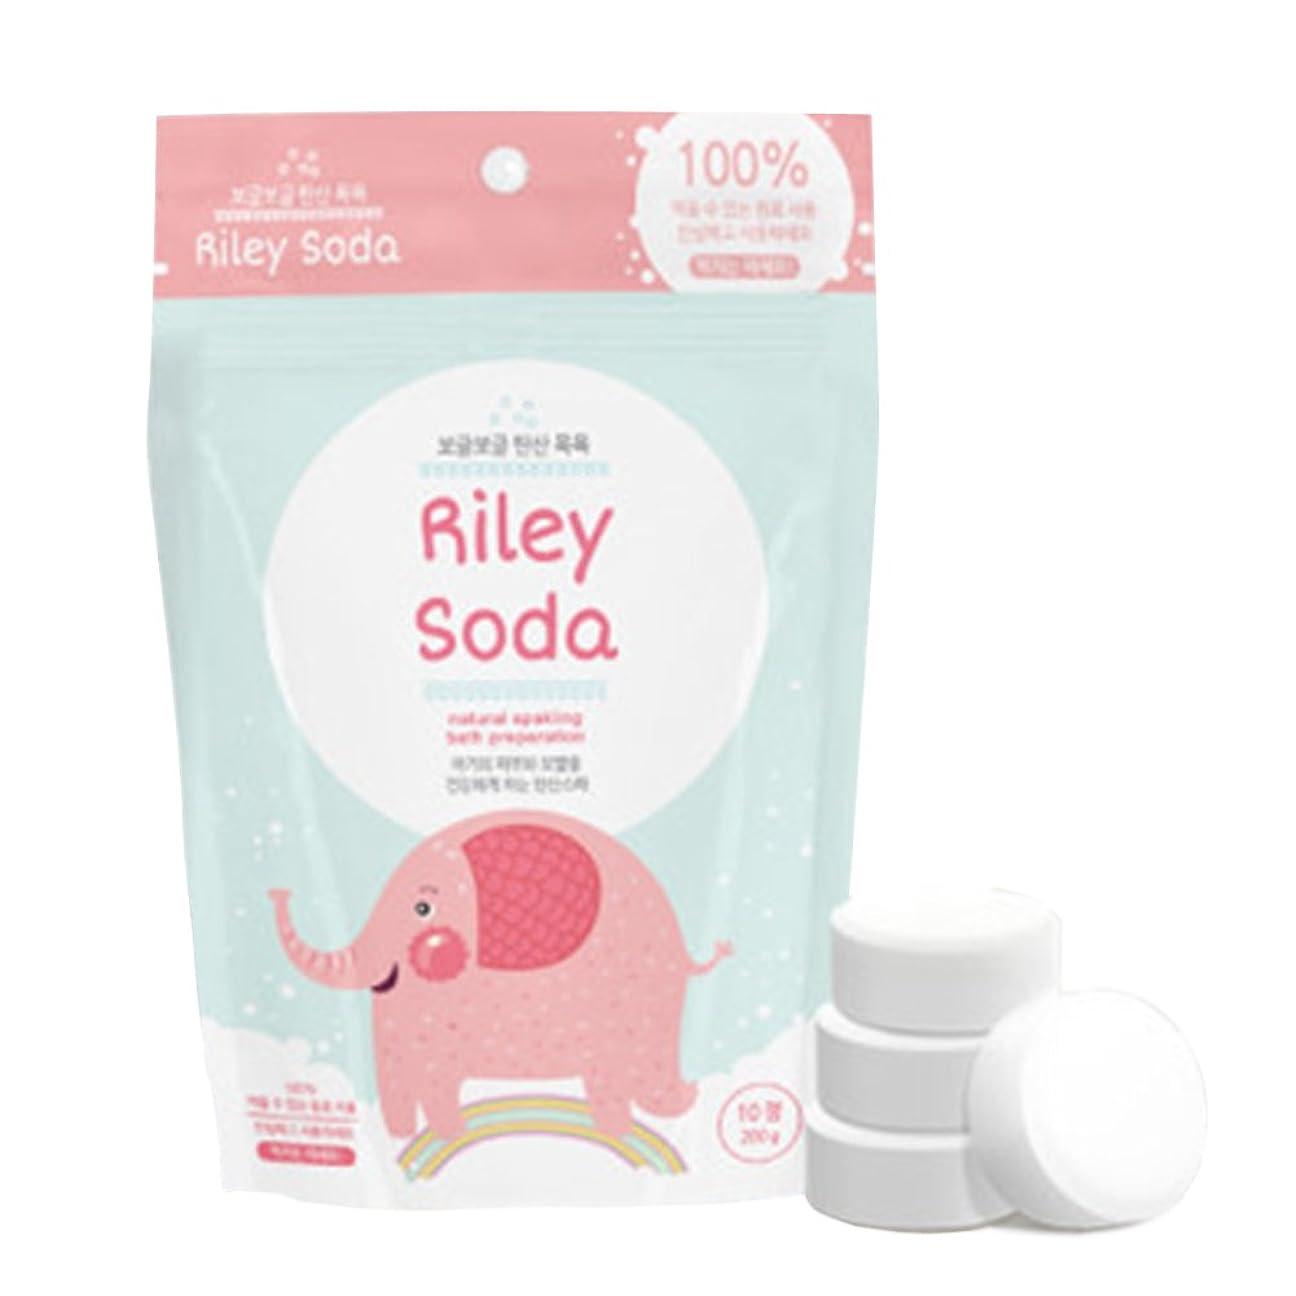 休憩動的ブースト(リリーソ-ダ) Riley Soda アトピー赤ちゃん用炭酸温泉入浴剤 (10錠) [並行輸入品]